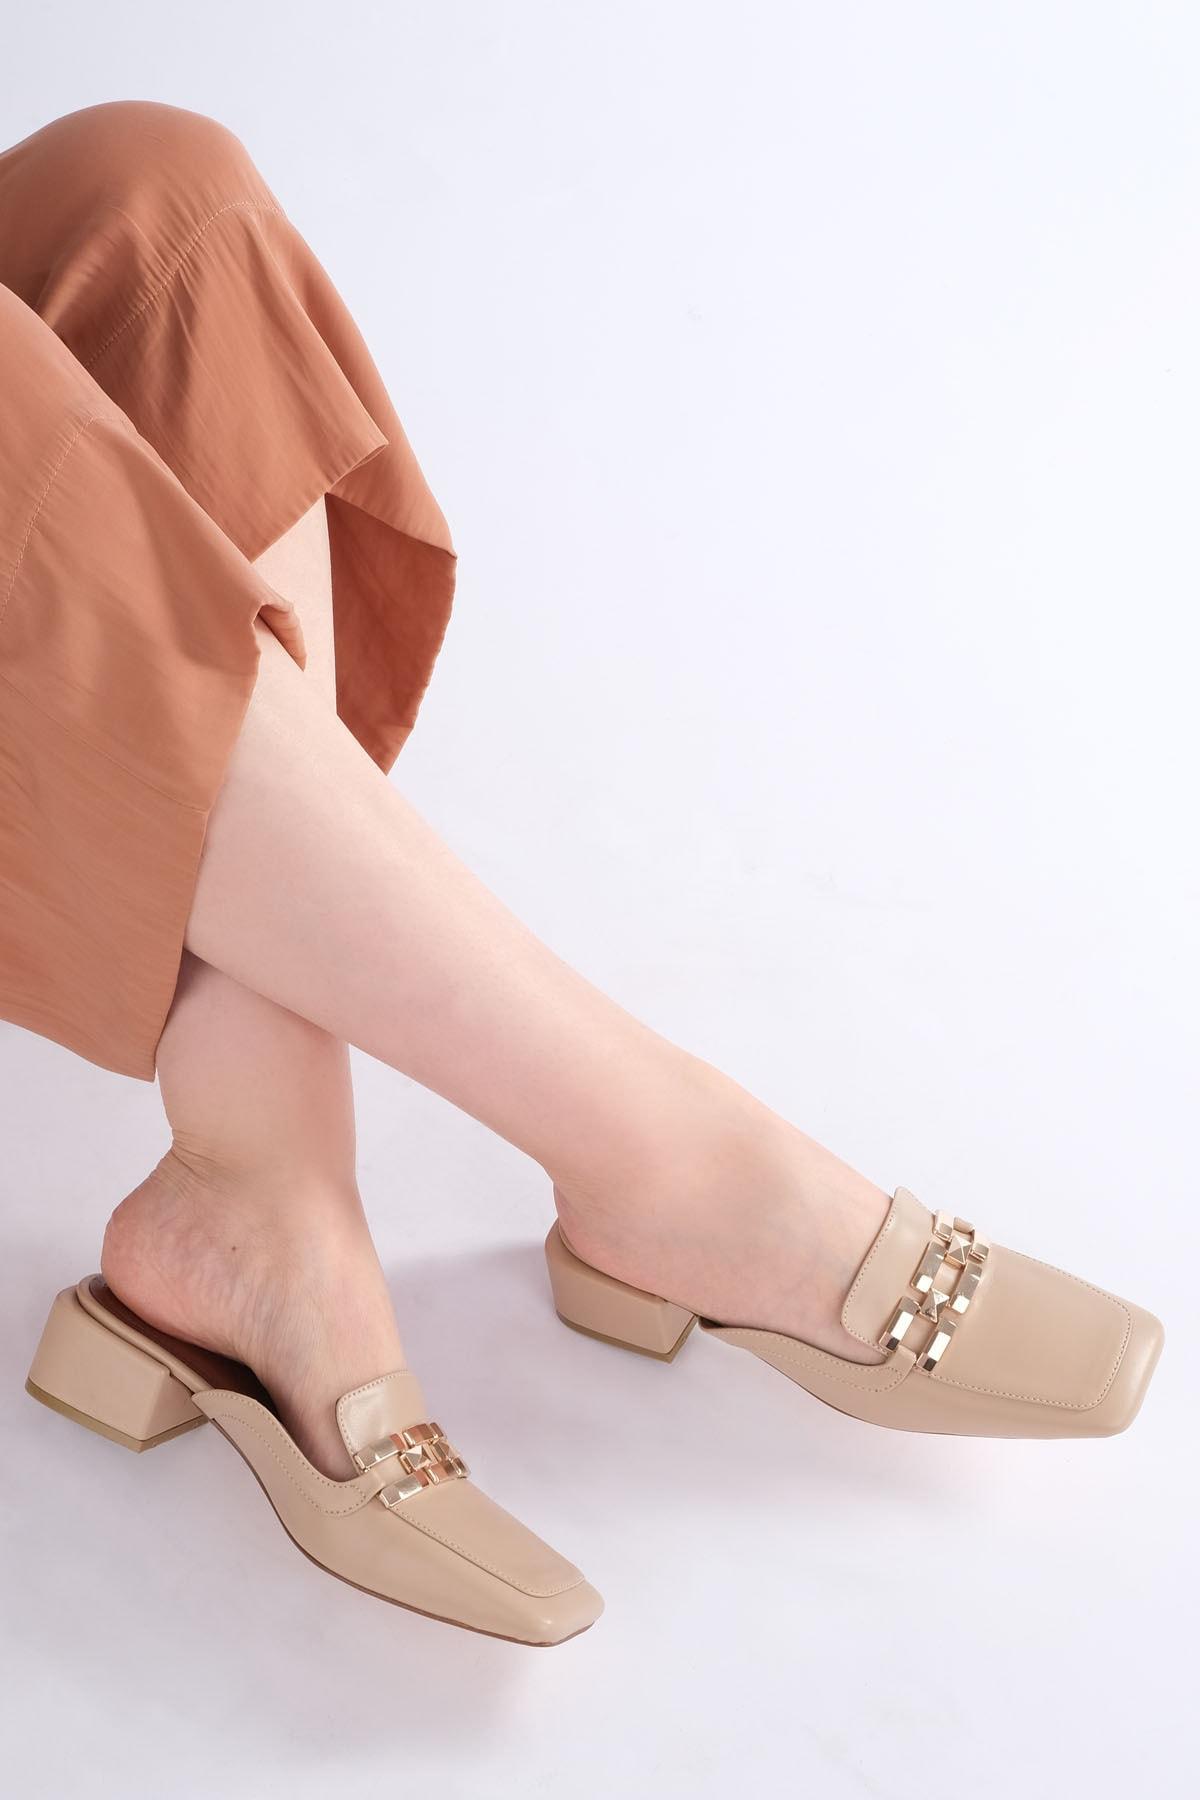 Marjin Berma Kadın Topuklu Terlikbej 2